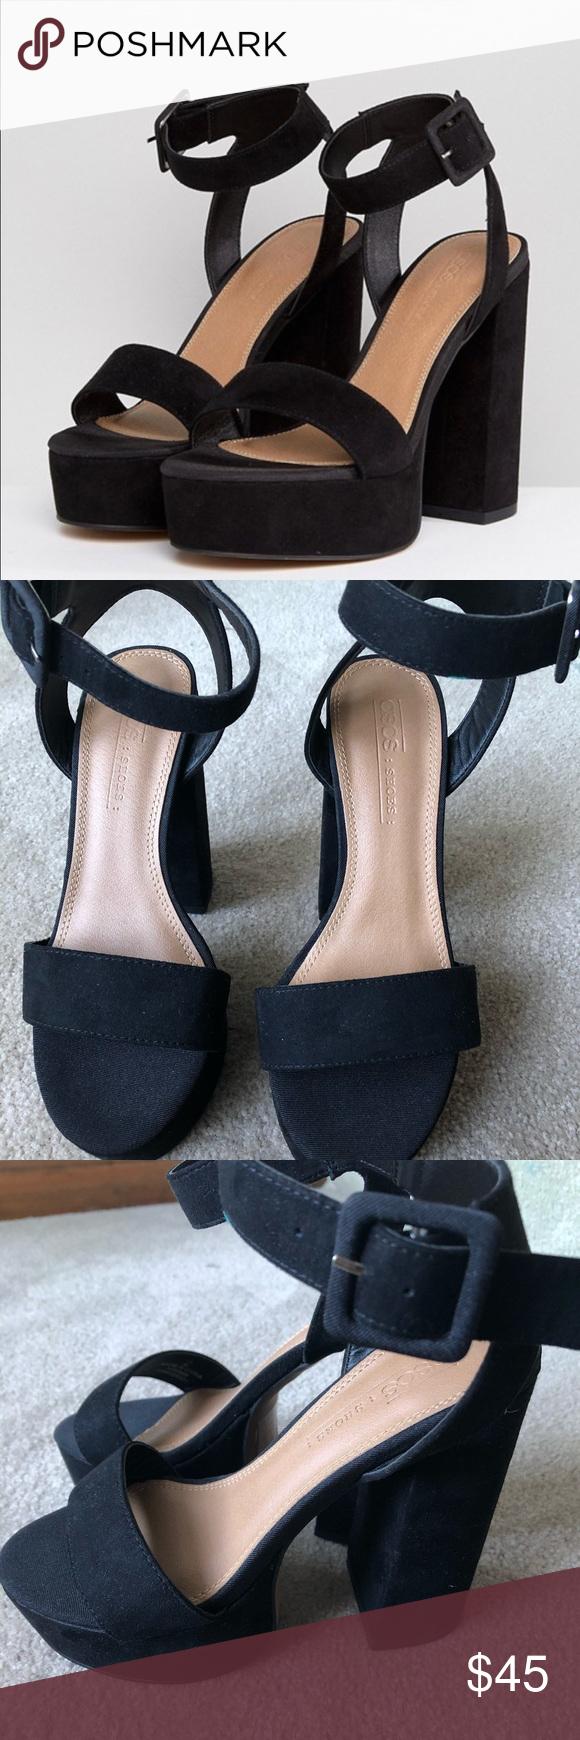 ASOS black block heels in 2020 | Black